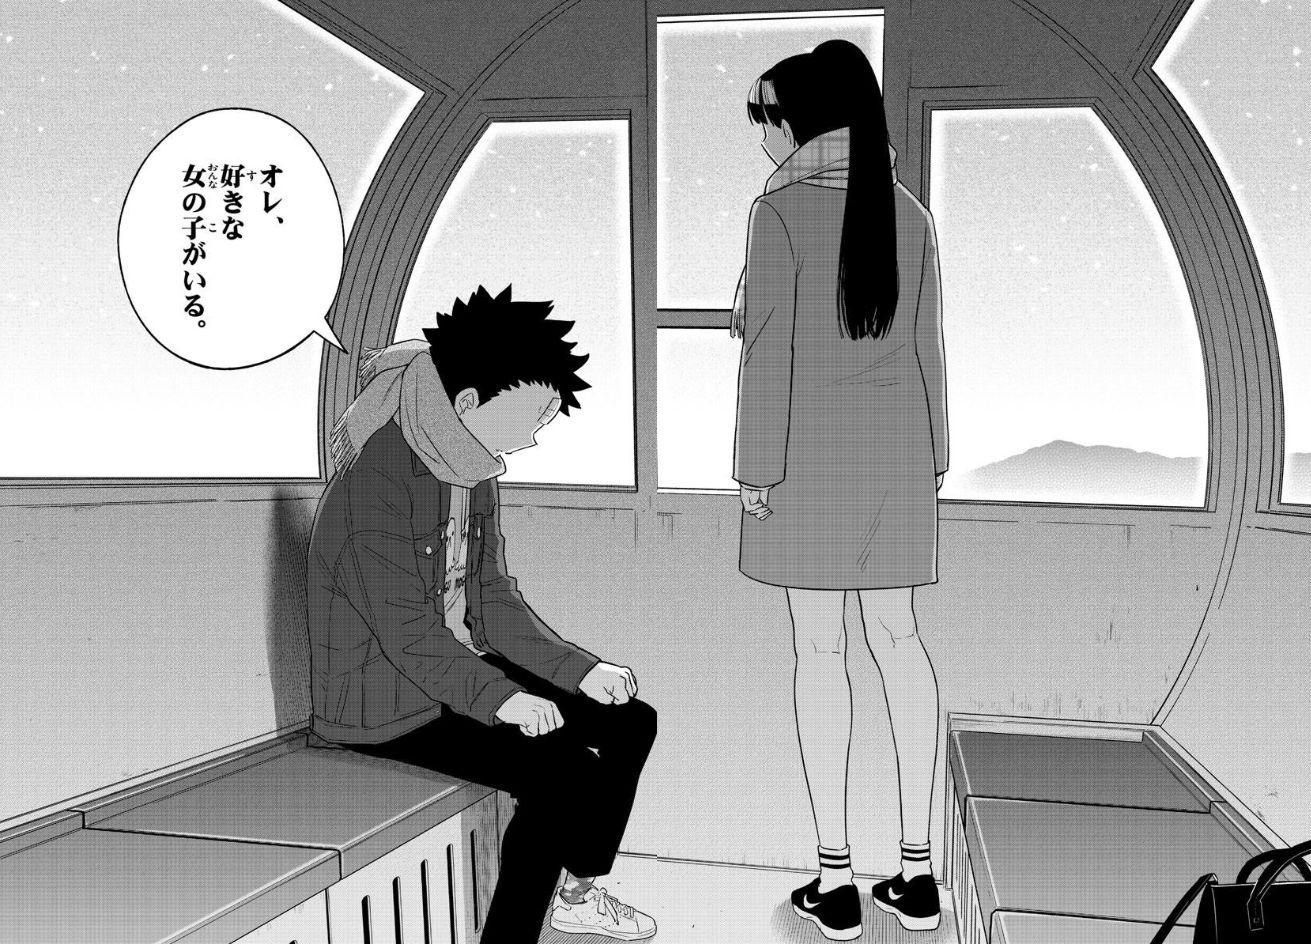 泣ける話 - 感動のエピソードまとめ - ラク ...